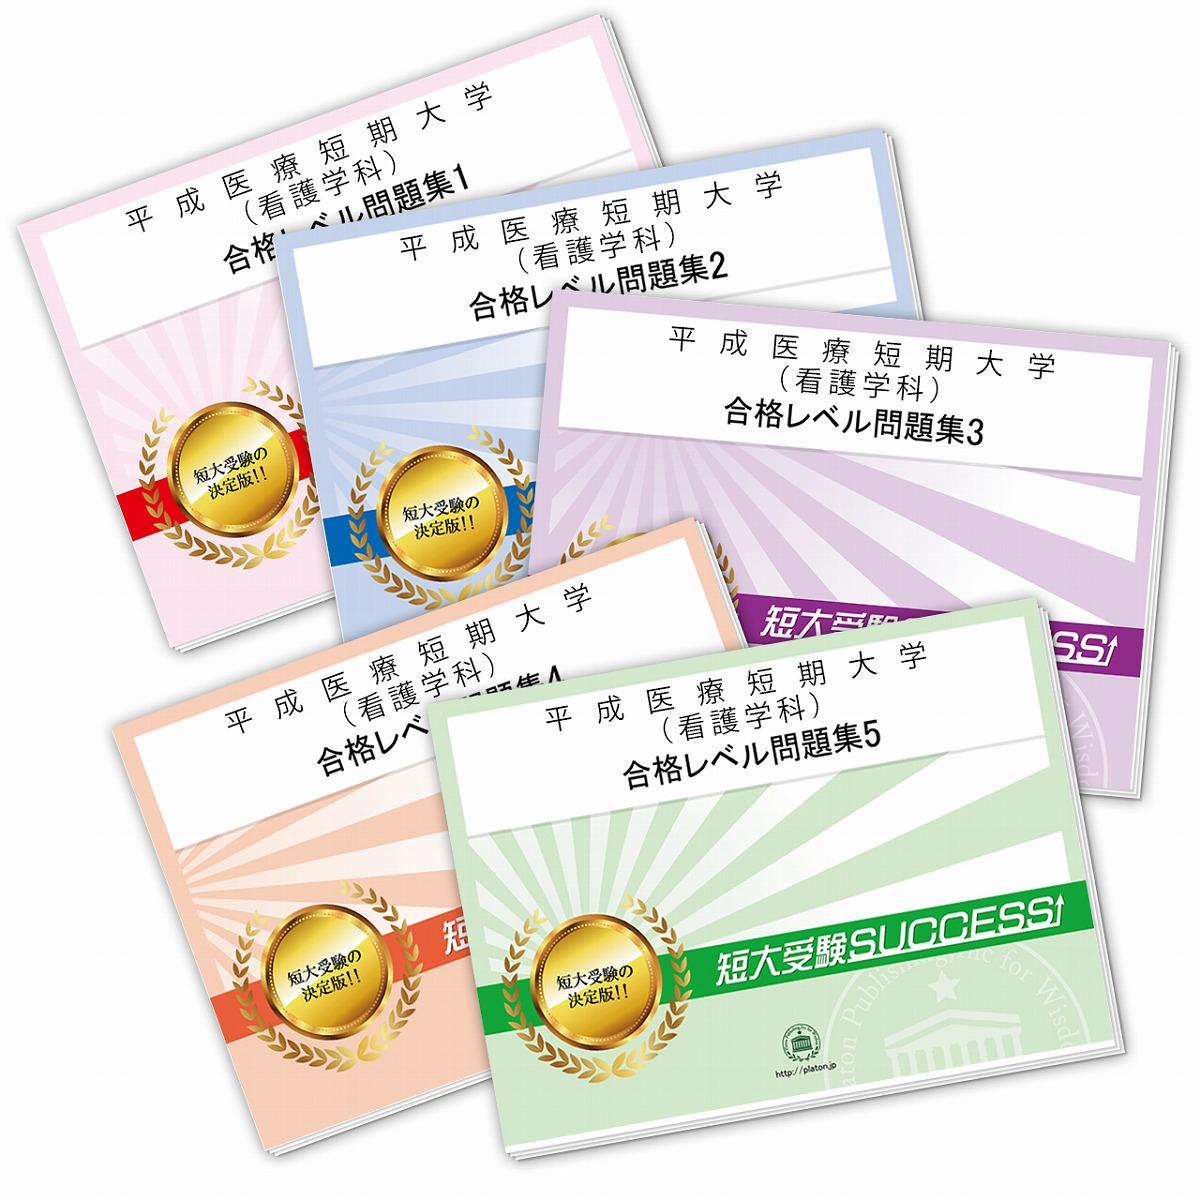 【送料・代引手数料無料】平成医療短期大学(看護学科)受験合格セット(5冊)